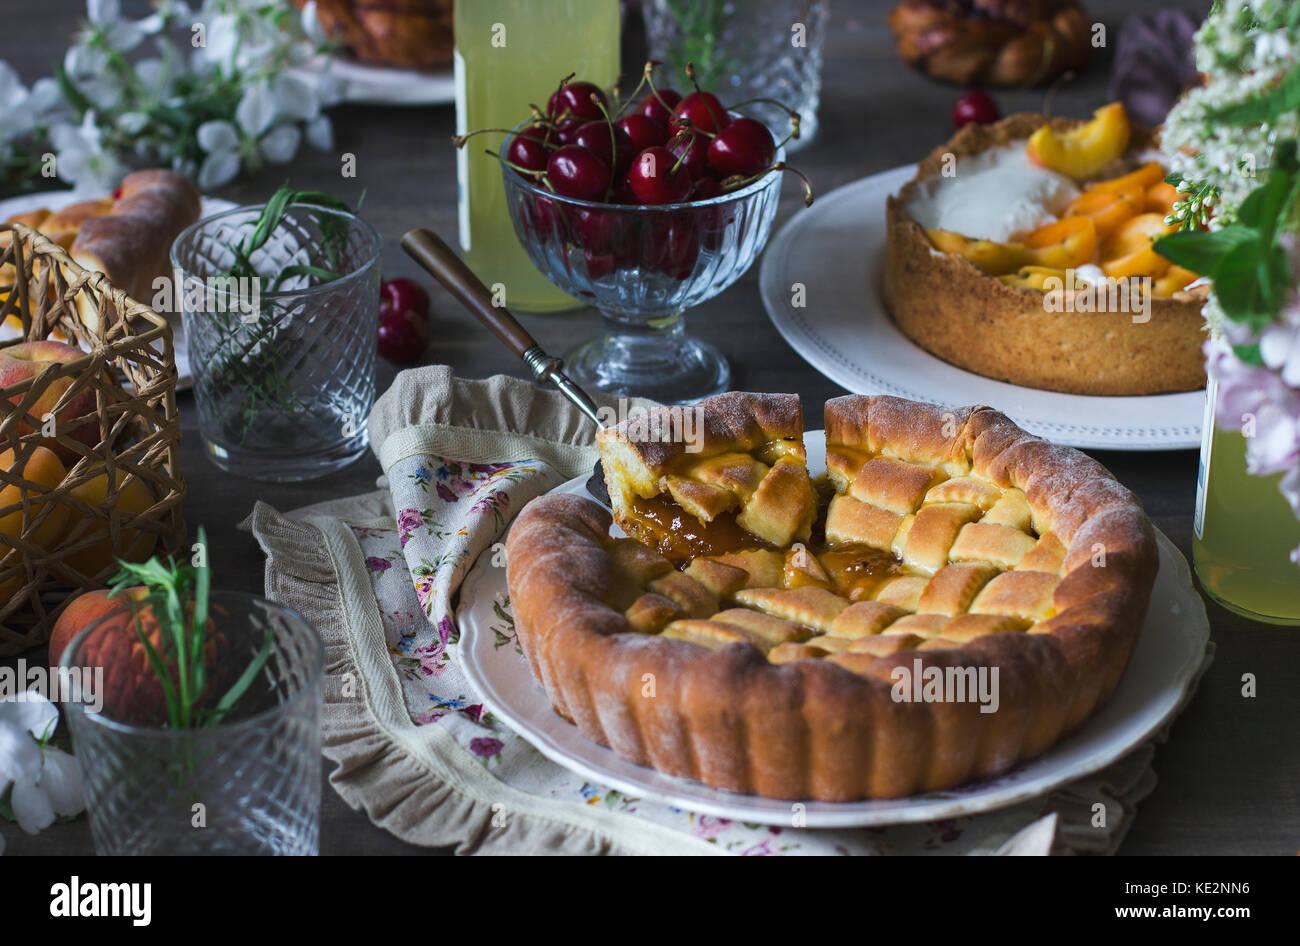 Gâteau fait maison, des pâtisseries et de la nourriture sur la table de fête Photo Stock